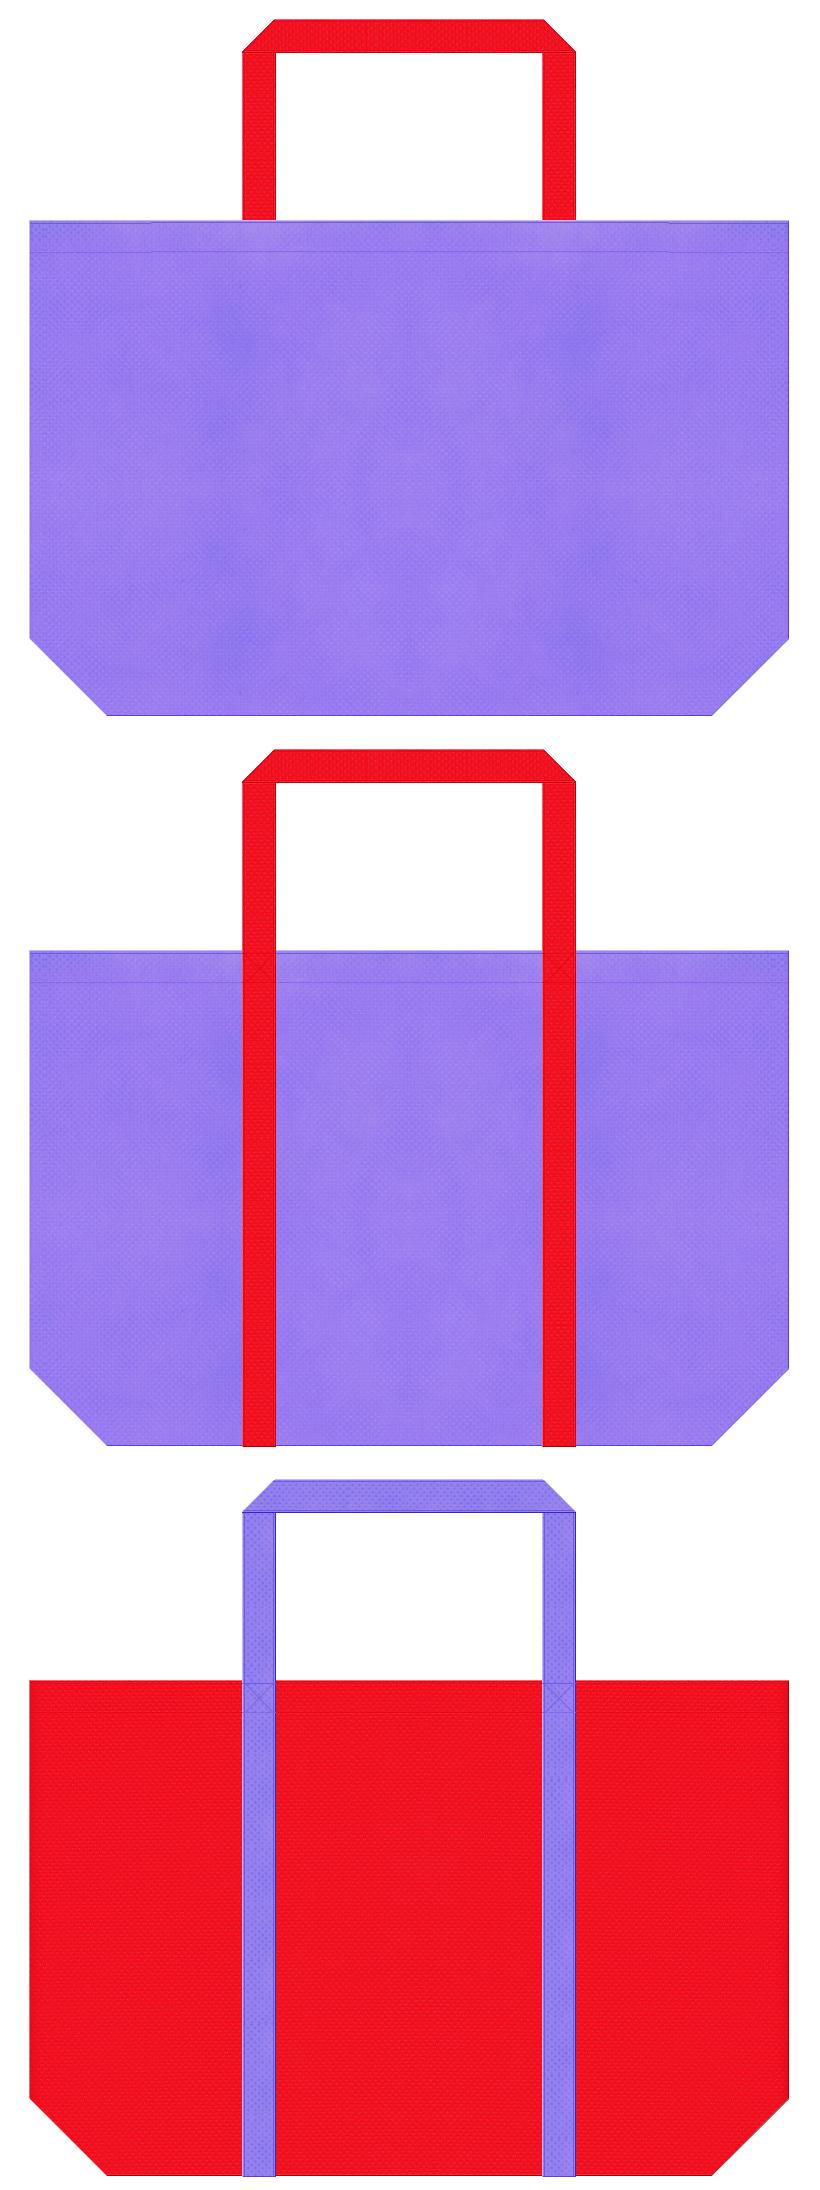 薄紫色と赤色の不織布ショッピングバッグデザイン。